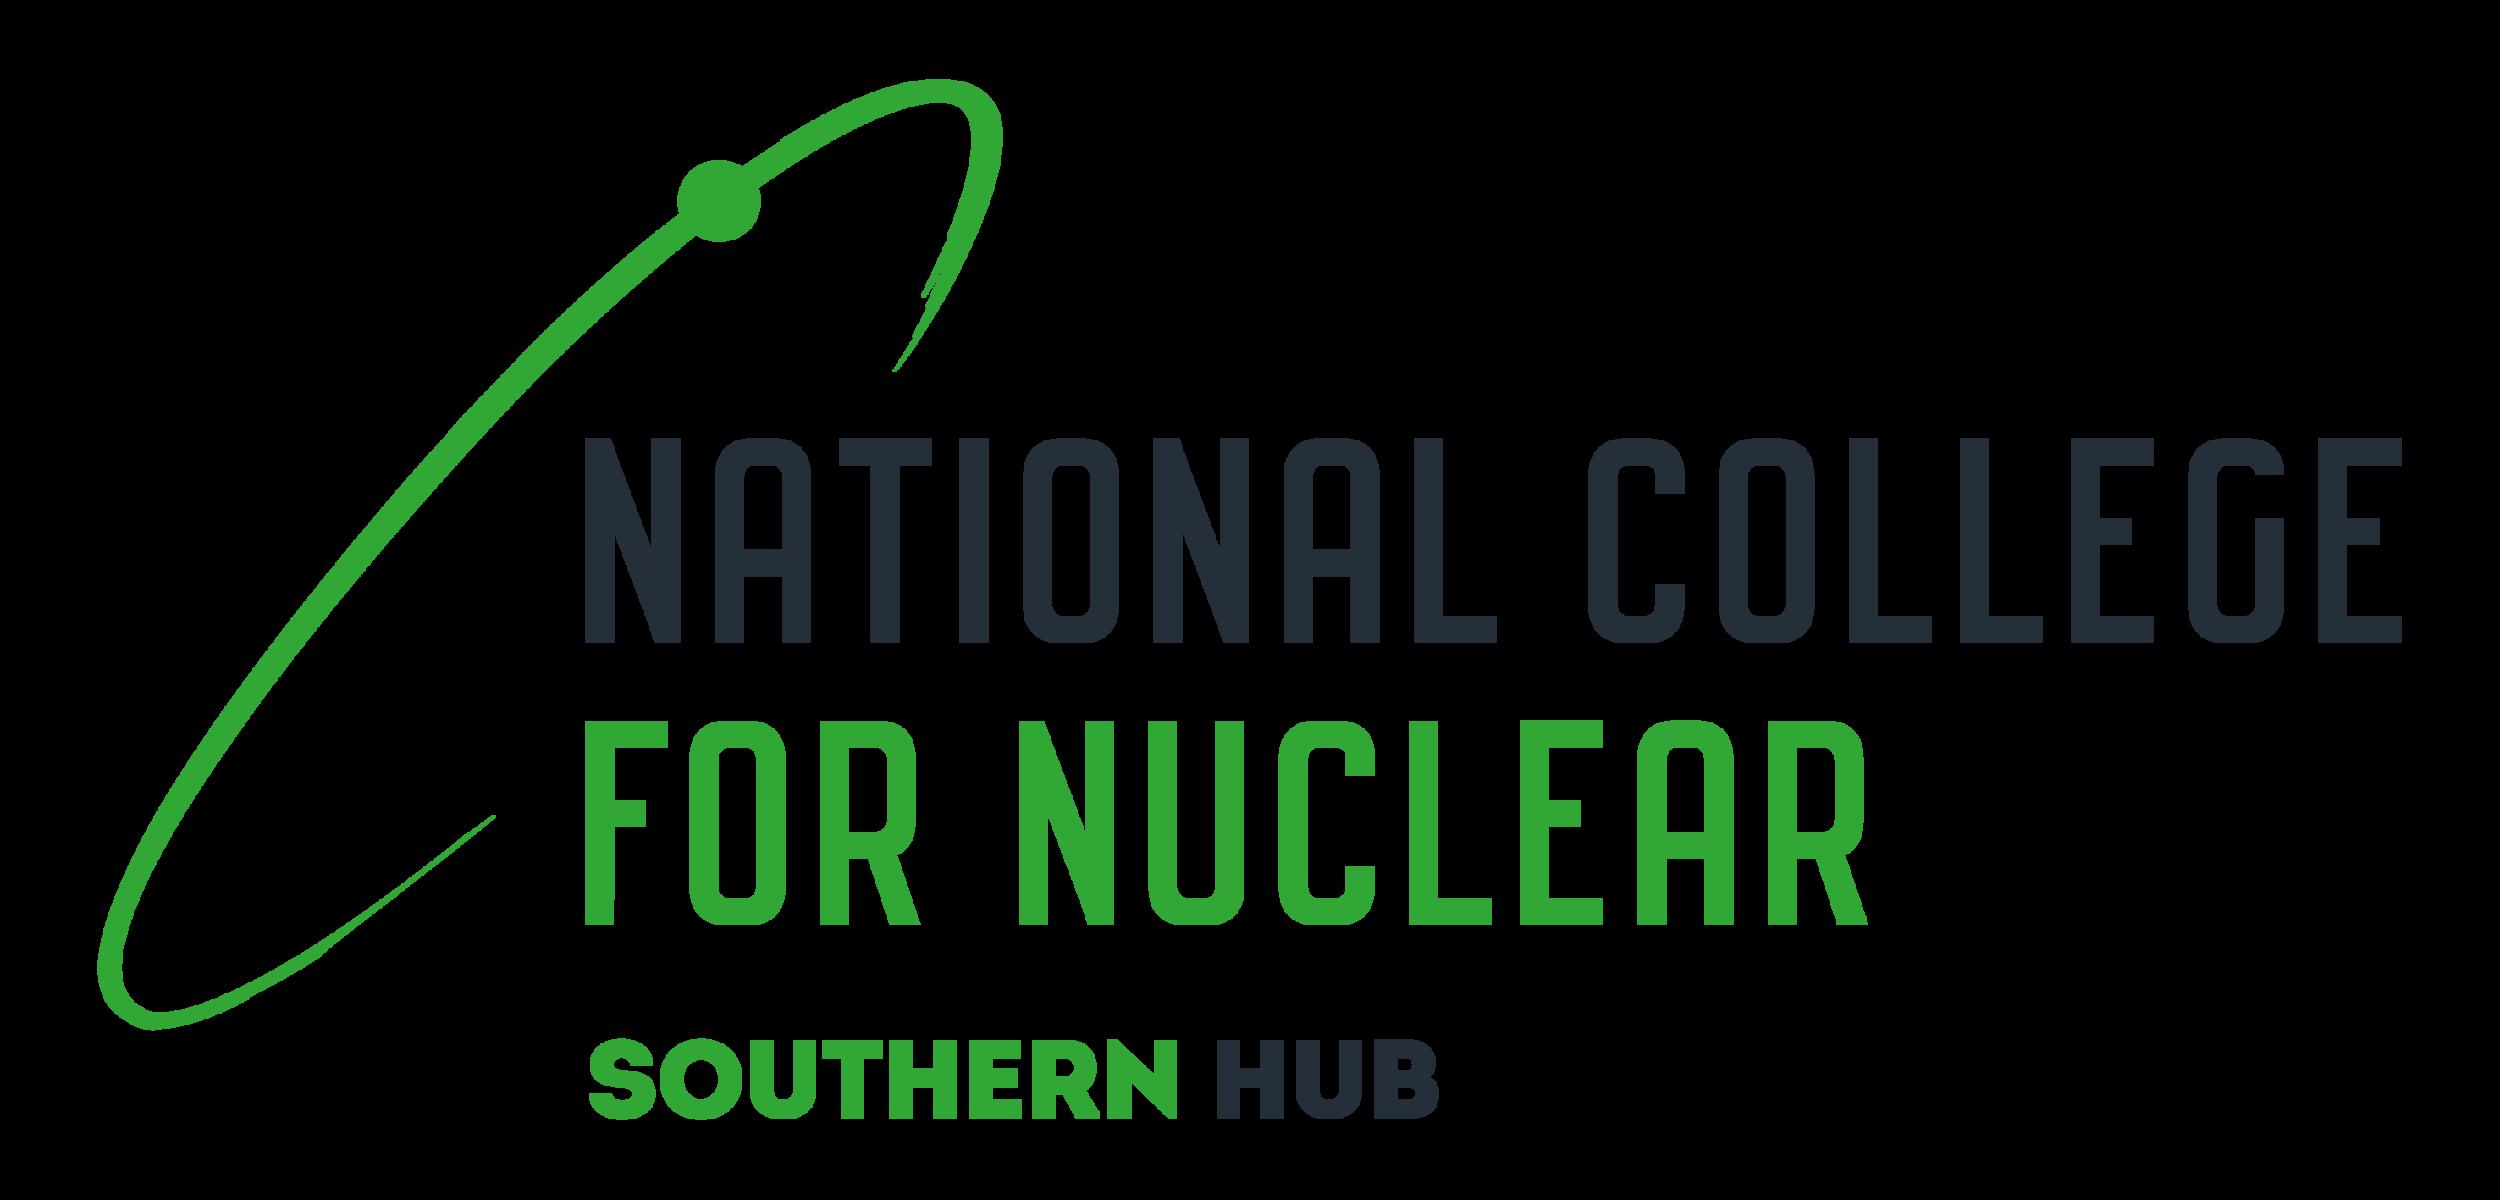 NCfN SOUTHERN HUB.png